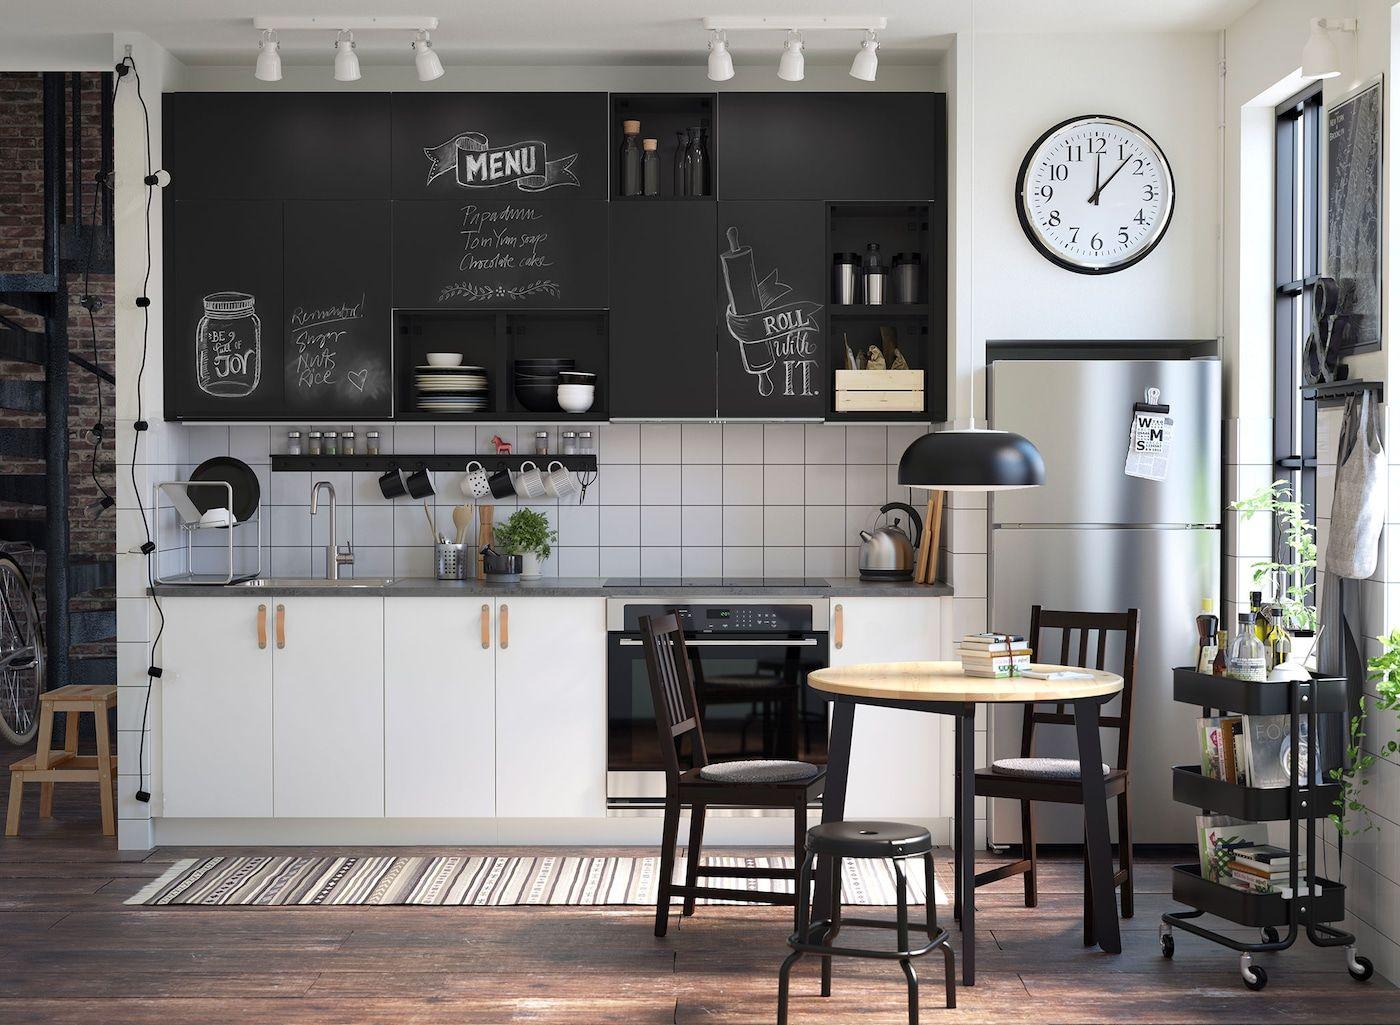 Full Size of Kreidetafel Ikea Kitchen Inspiration In 2020 Küche Kaufen Betten Bei Modulküche Miniküche Kosten Sofa Mit Schlaffunktion 160x200 Wohnzimmer Kreidetafel Ikea